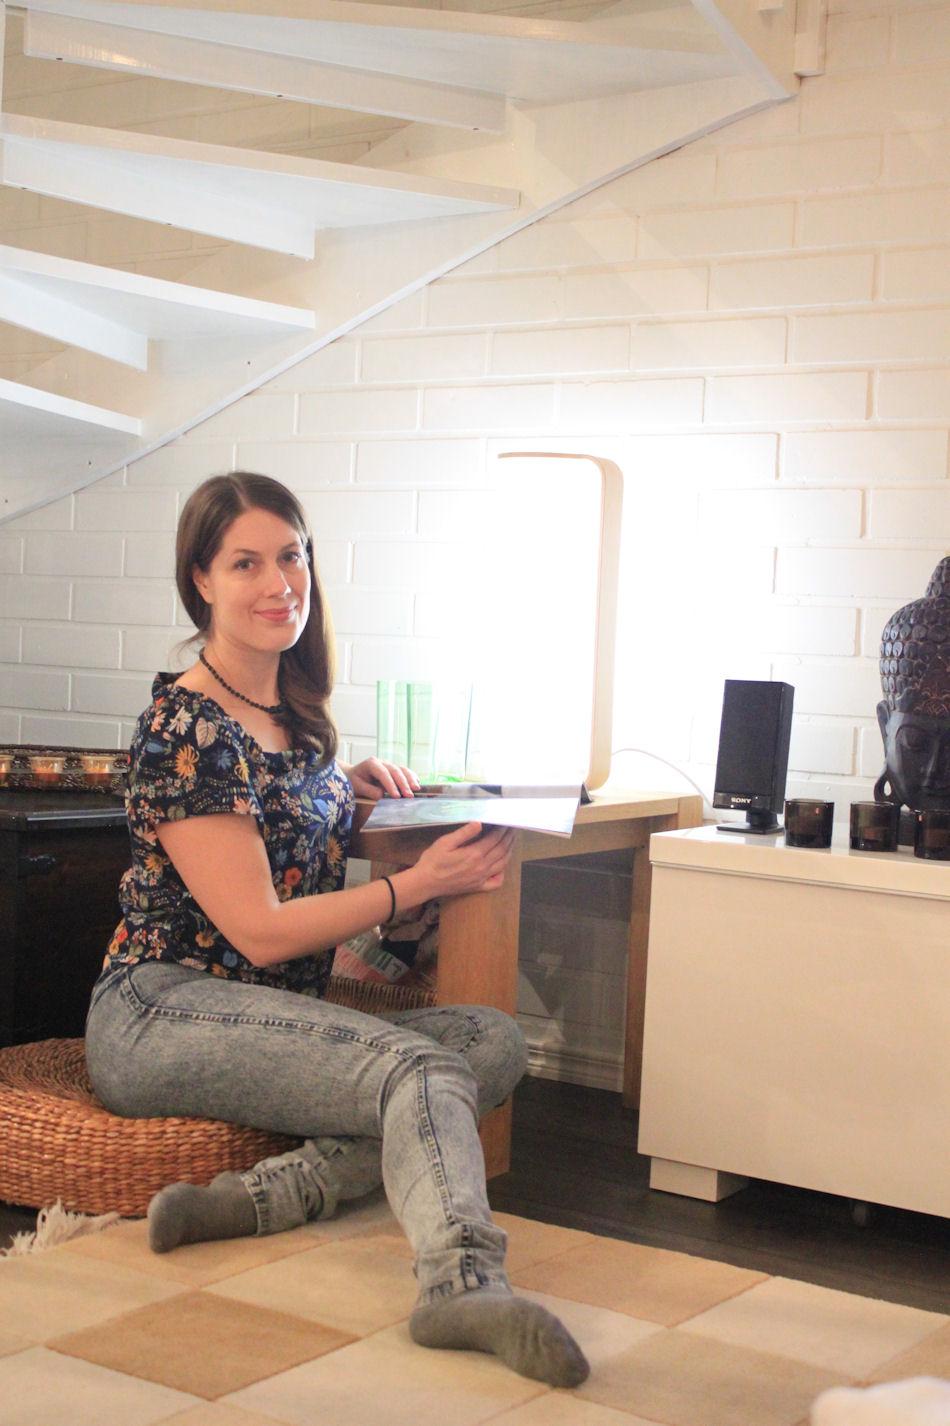 Tubo löysi paikkansa olohuoneessamme jo kesällä, sillä se toimii samalla myös sisutuselementtinä. Lampussa on himmennin, joten se toimii myös tunnelmavalona.